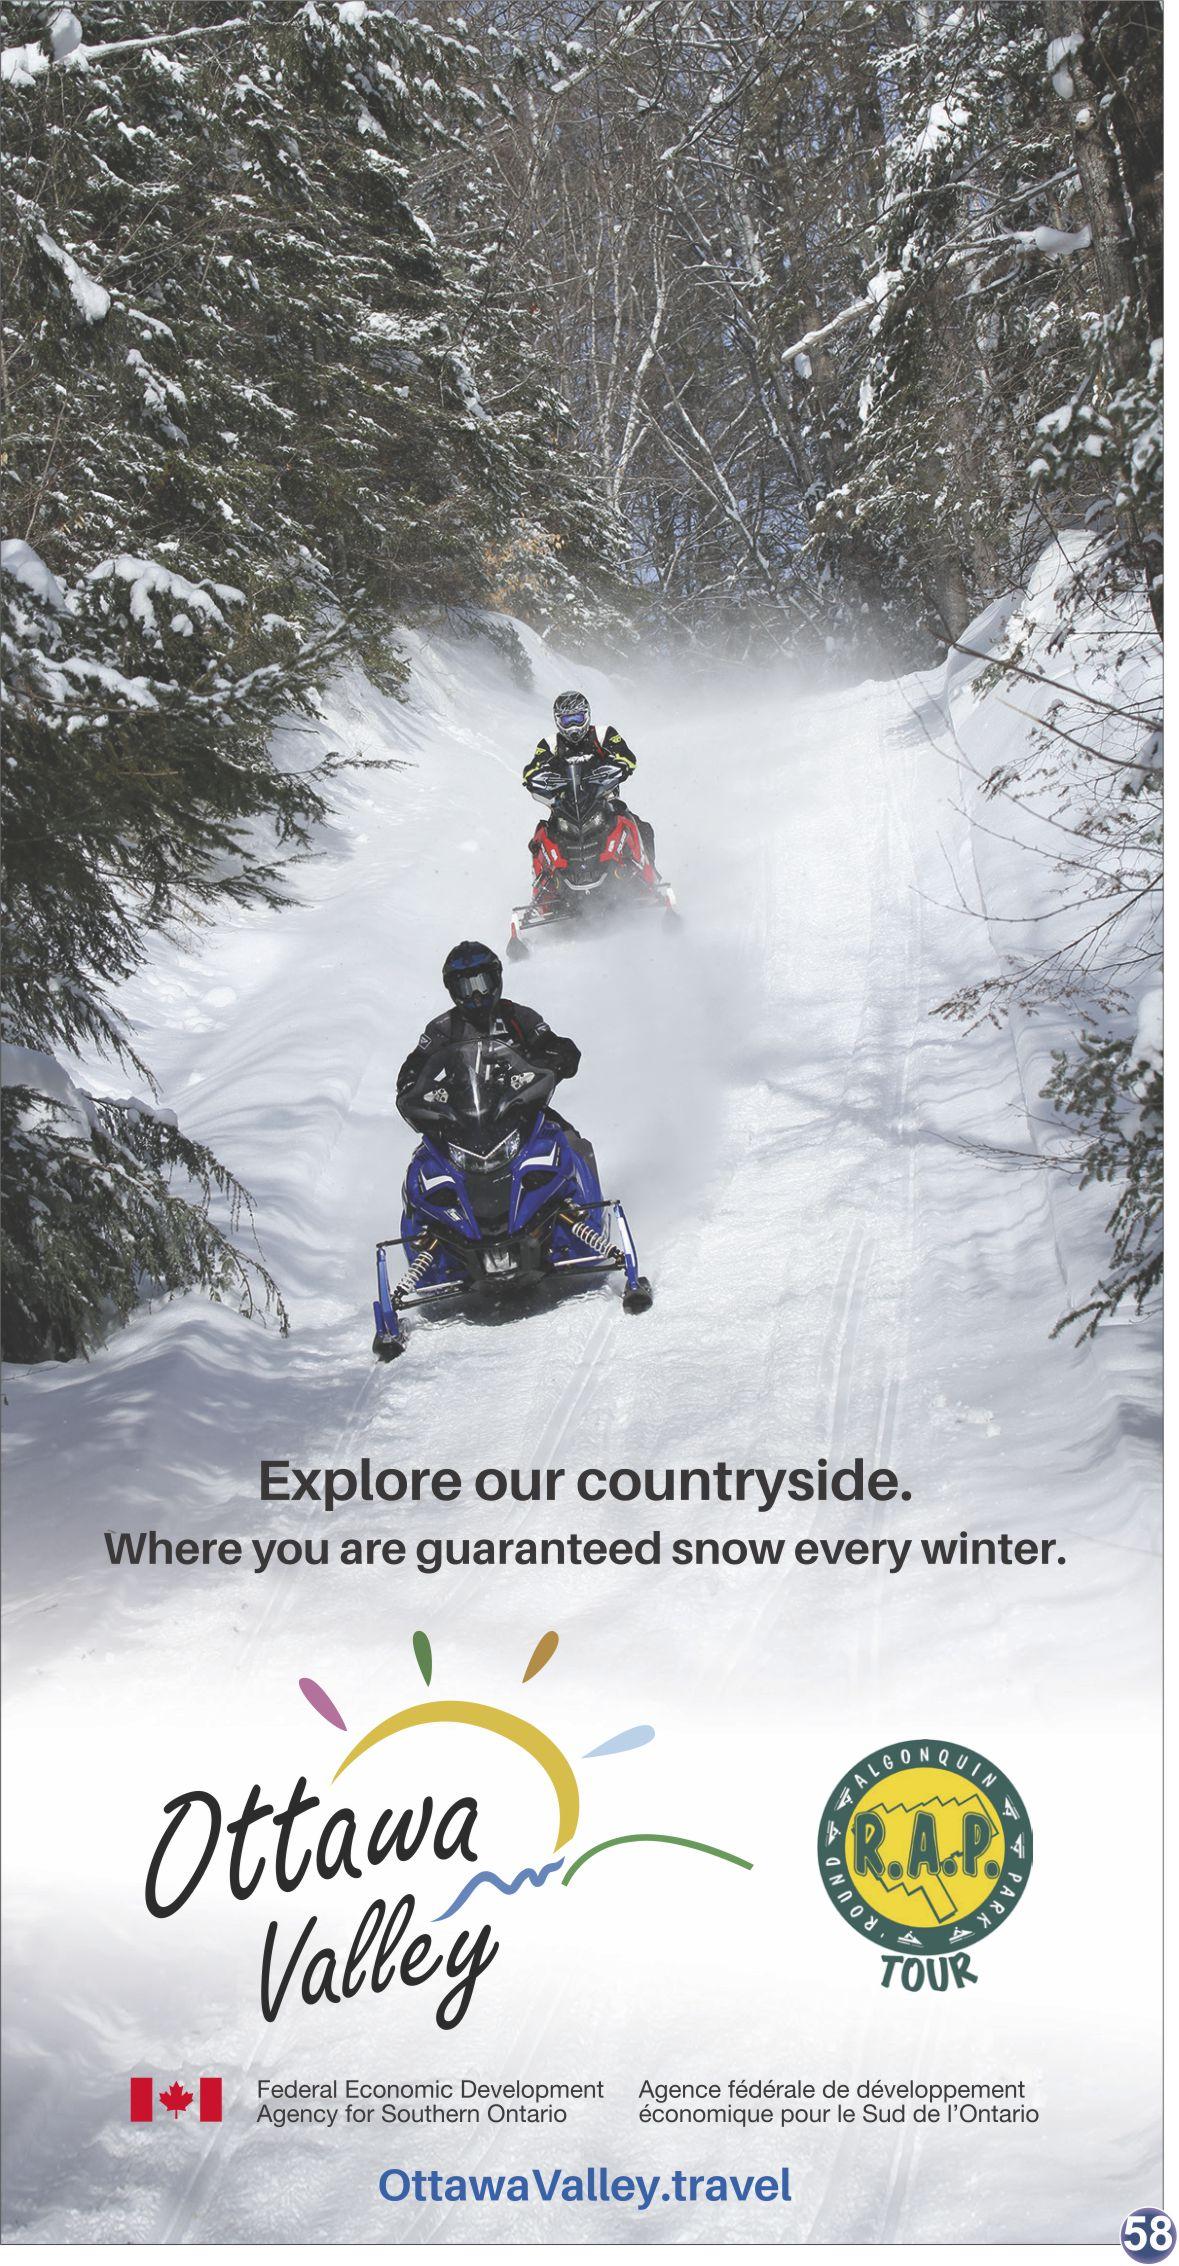 Ottawa Valley Tourism